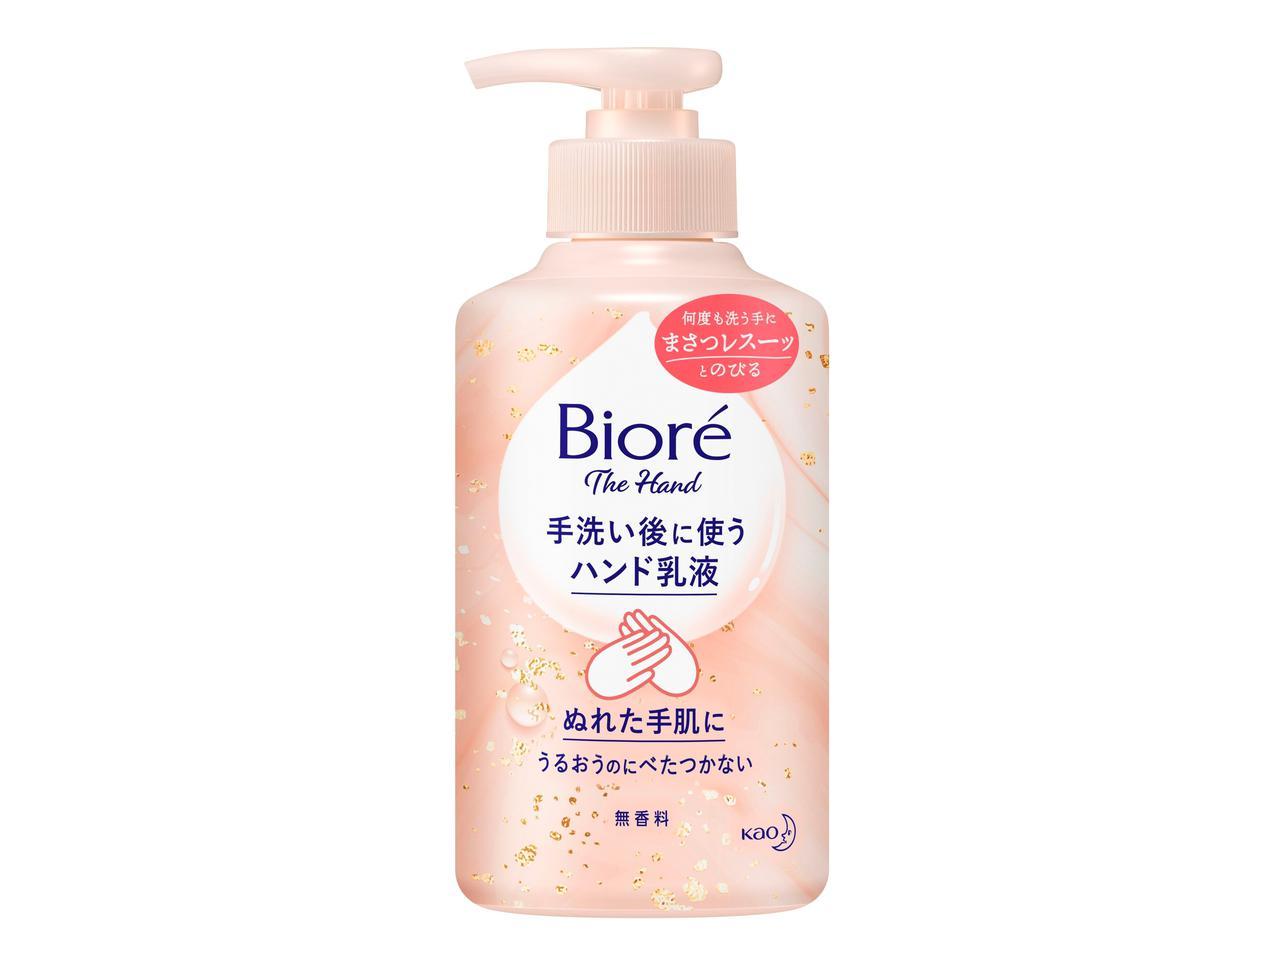 画像: ビオレ ザ ハンド 手洗い後に使う ハンド乳液 本体:200ml、携帯用:60ml 2021年10月30日発売